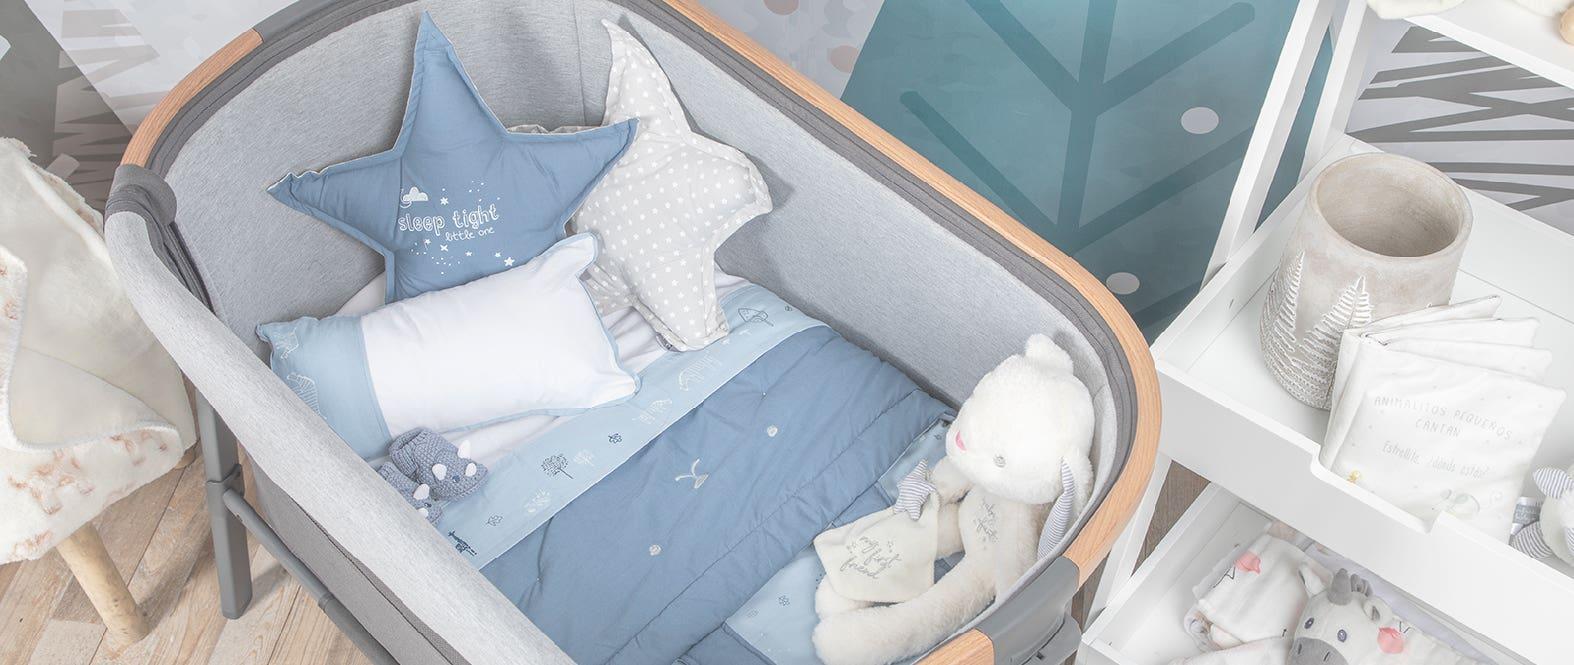 Esperando al bebé: ¿Qué no debe faltar en su habitación?